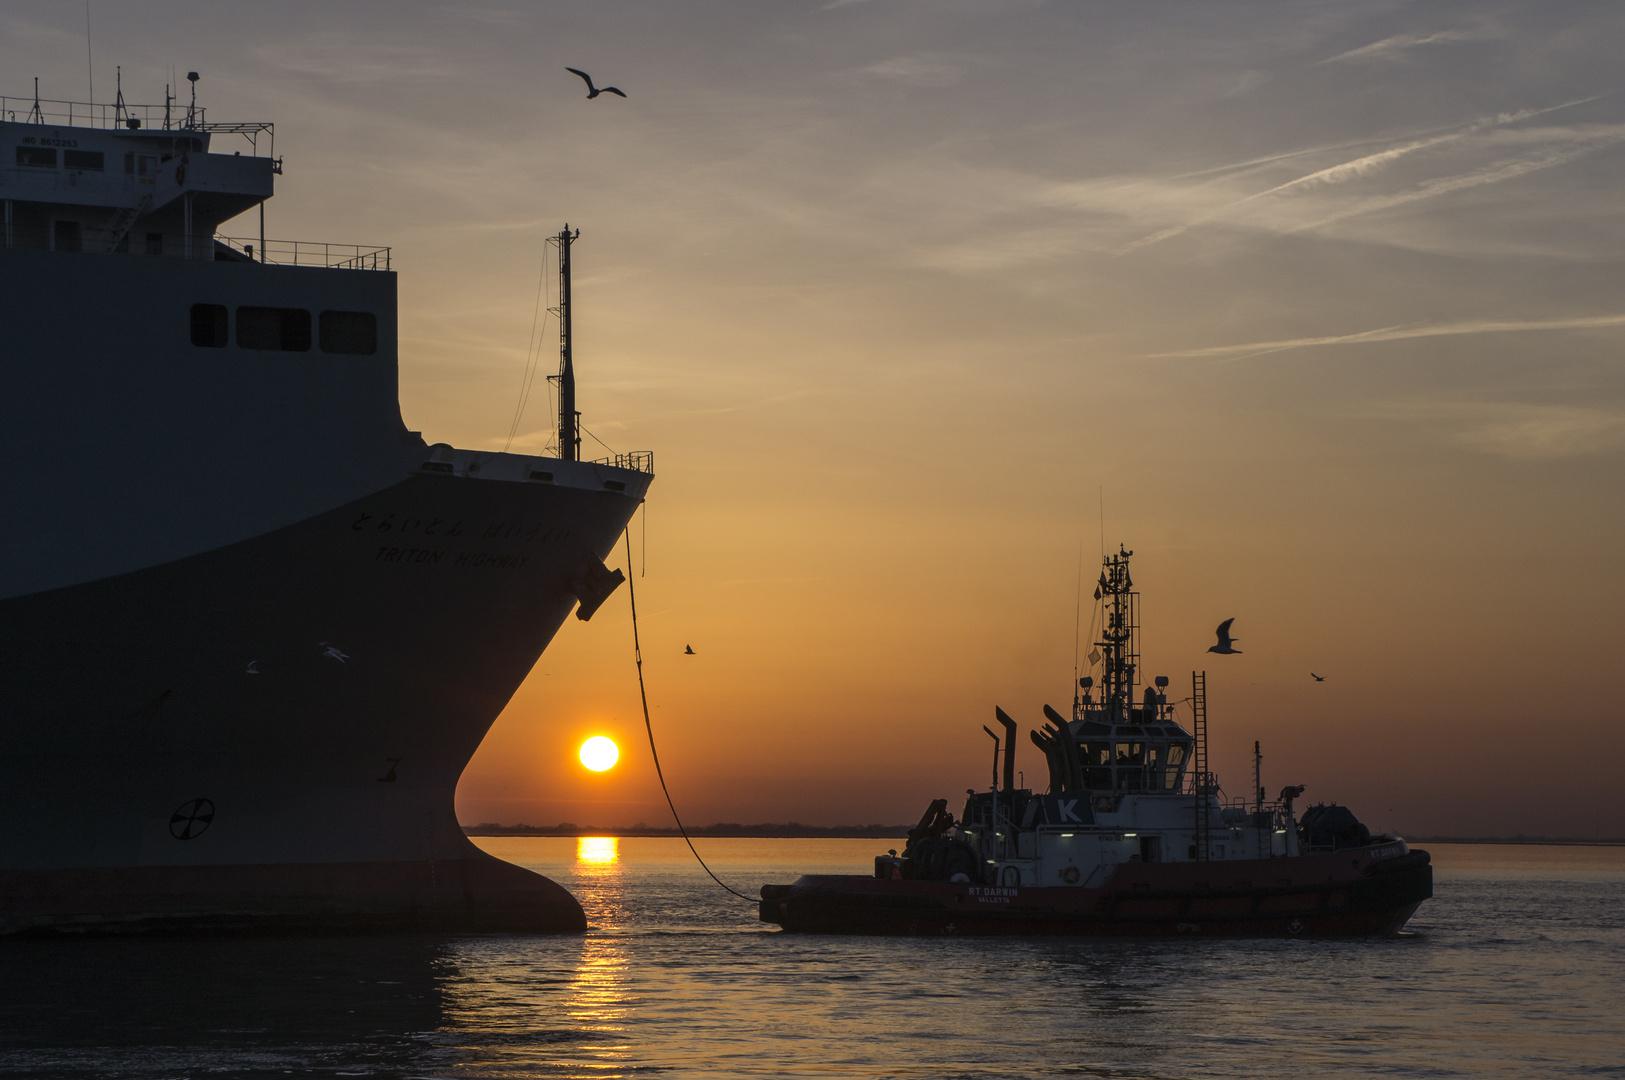 Sonnenuntergang mit Autotransporter und Schlepper